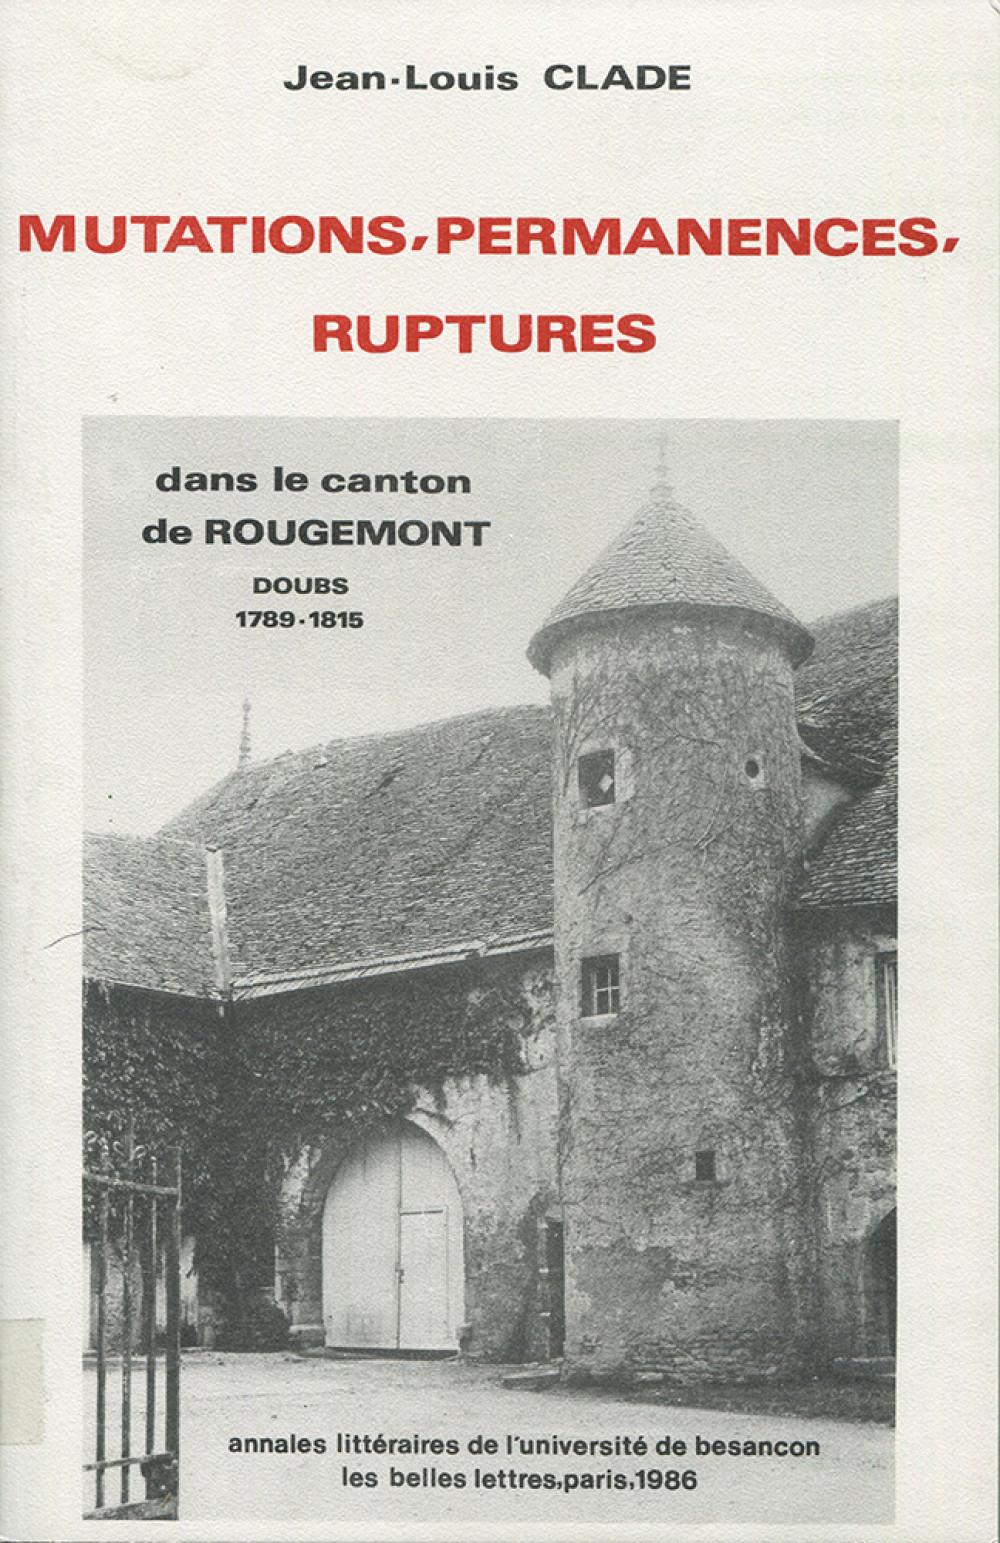 Mutations, permanences, ruptures dans le canton de Rougemont